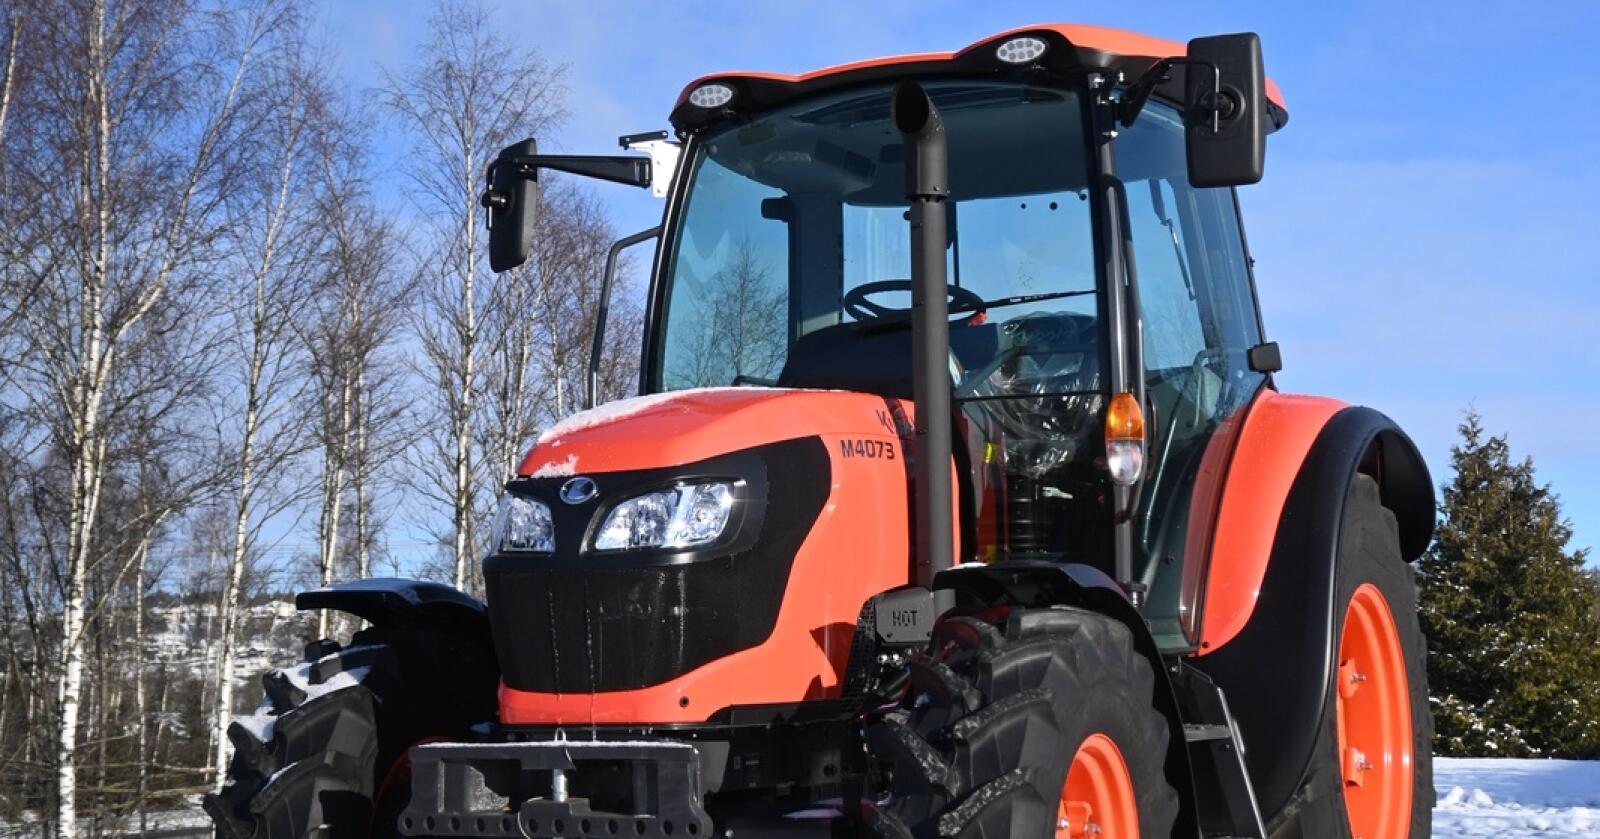 Endringer: Kubota M4073 bygger videre på den utgående M4072. Ny avgassgodkjenning, nye arbeidslys og nye muligheter innen presisjonsjordbruk er noen av nyhetene.